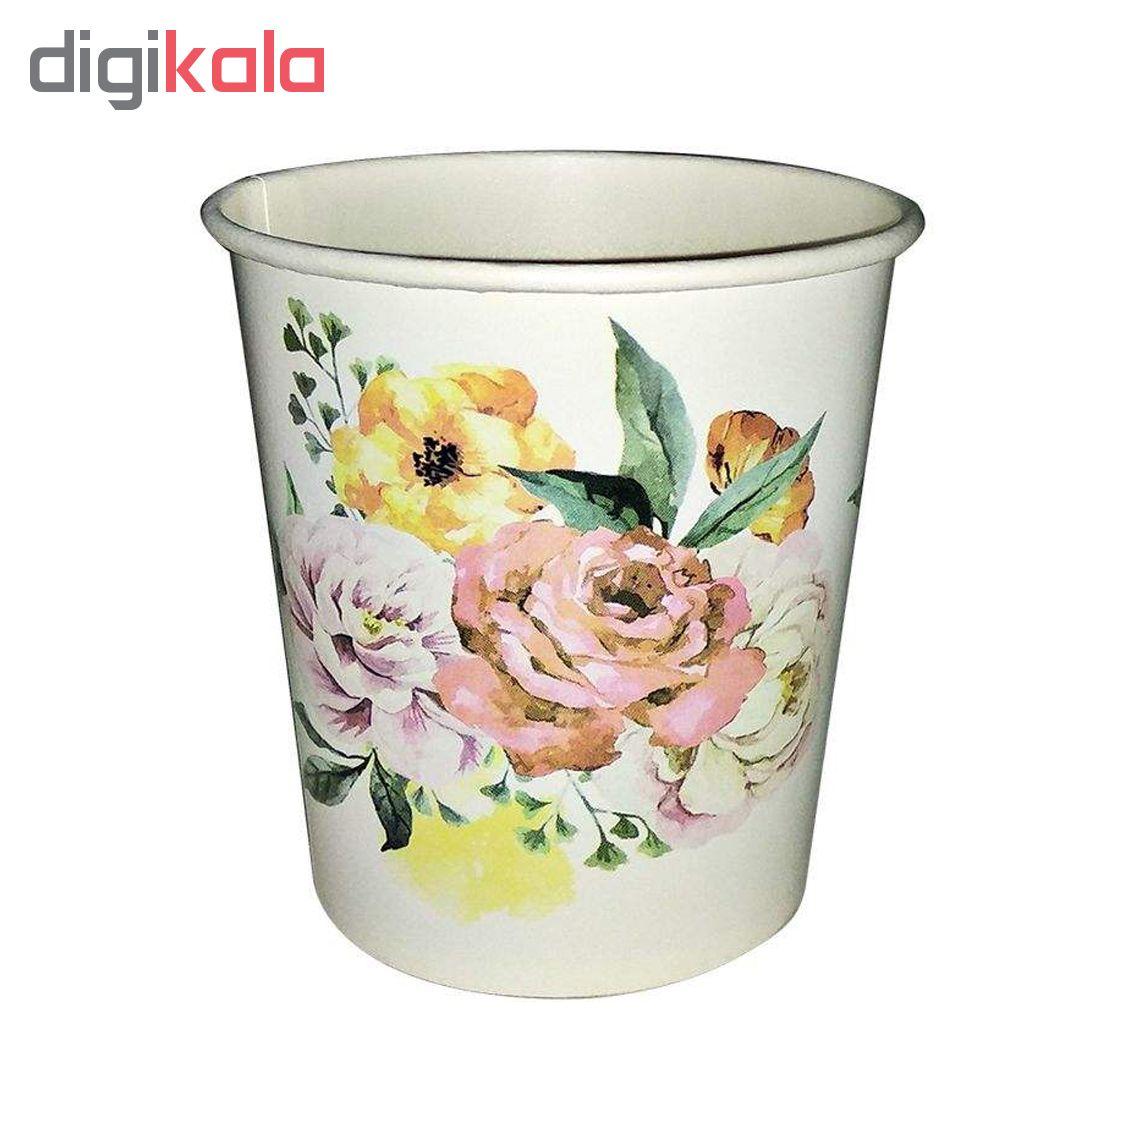 لیوان یکبار مصرف کاغذی الین پلاست مدل KGH3-100 بسته 100 عددی